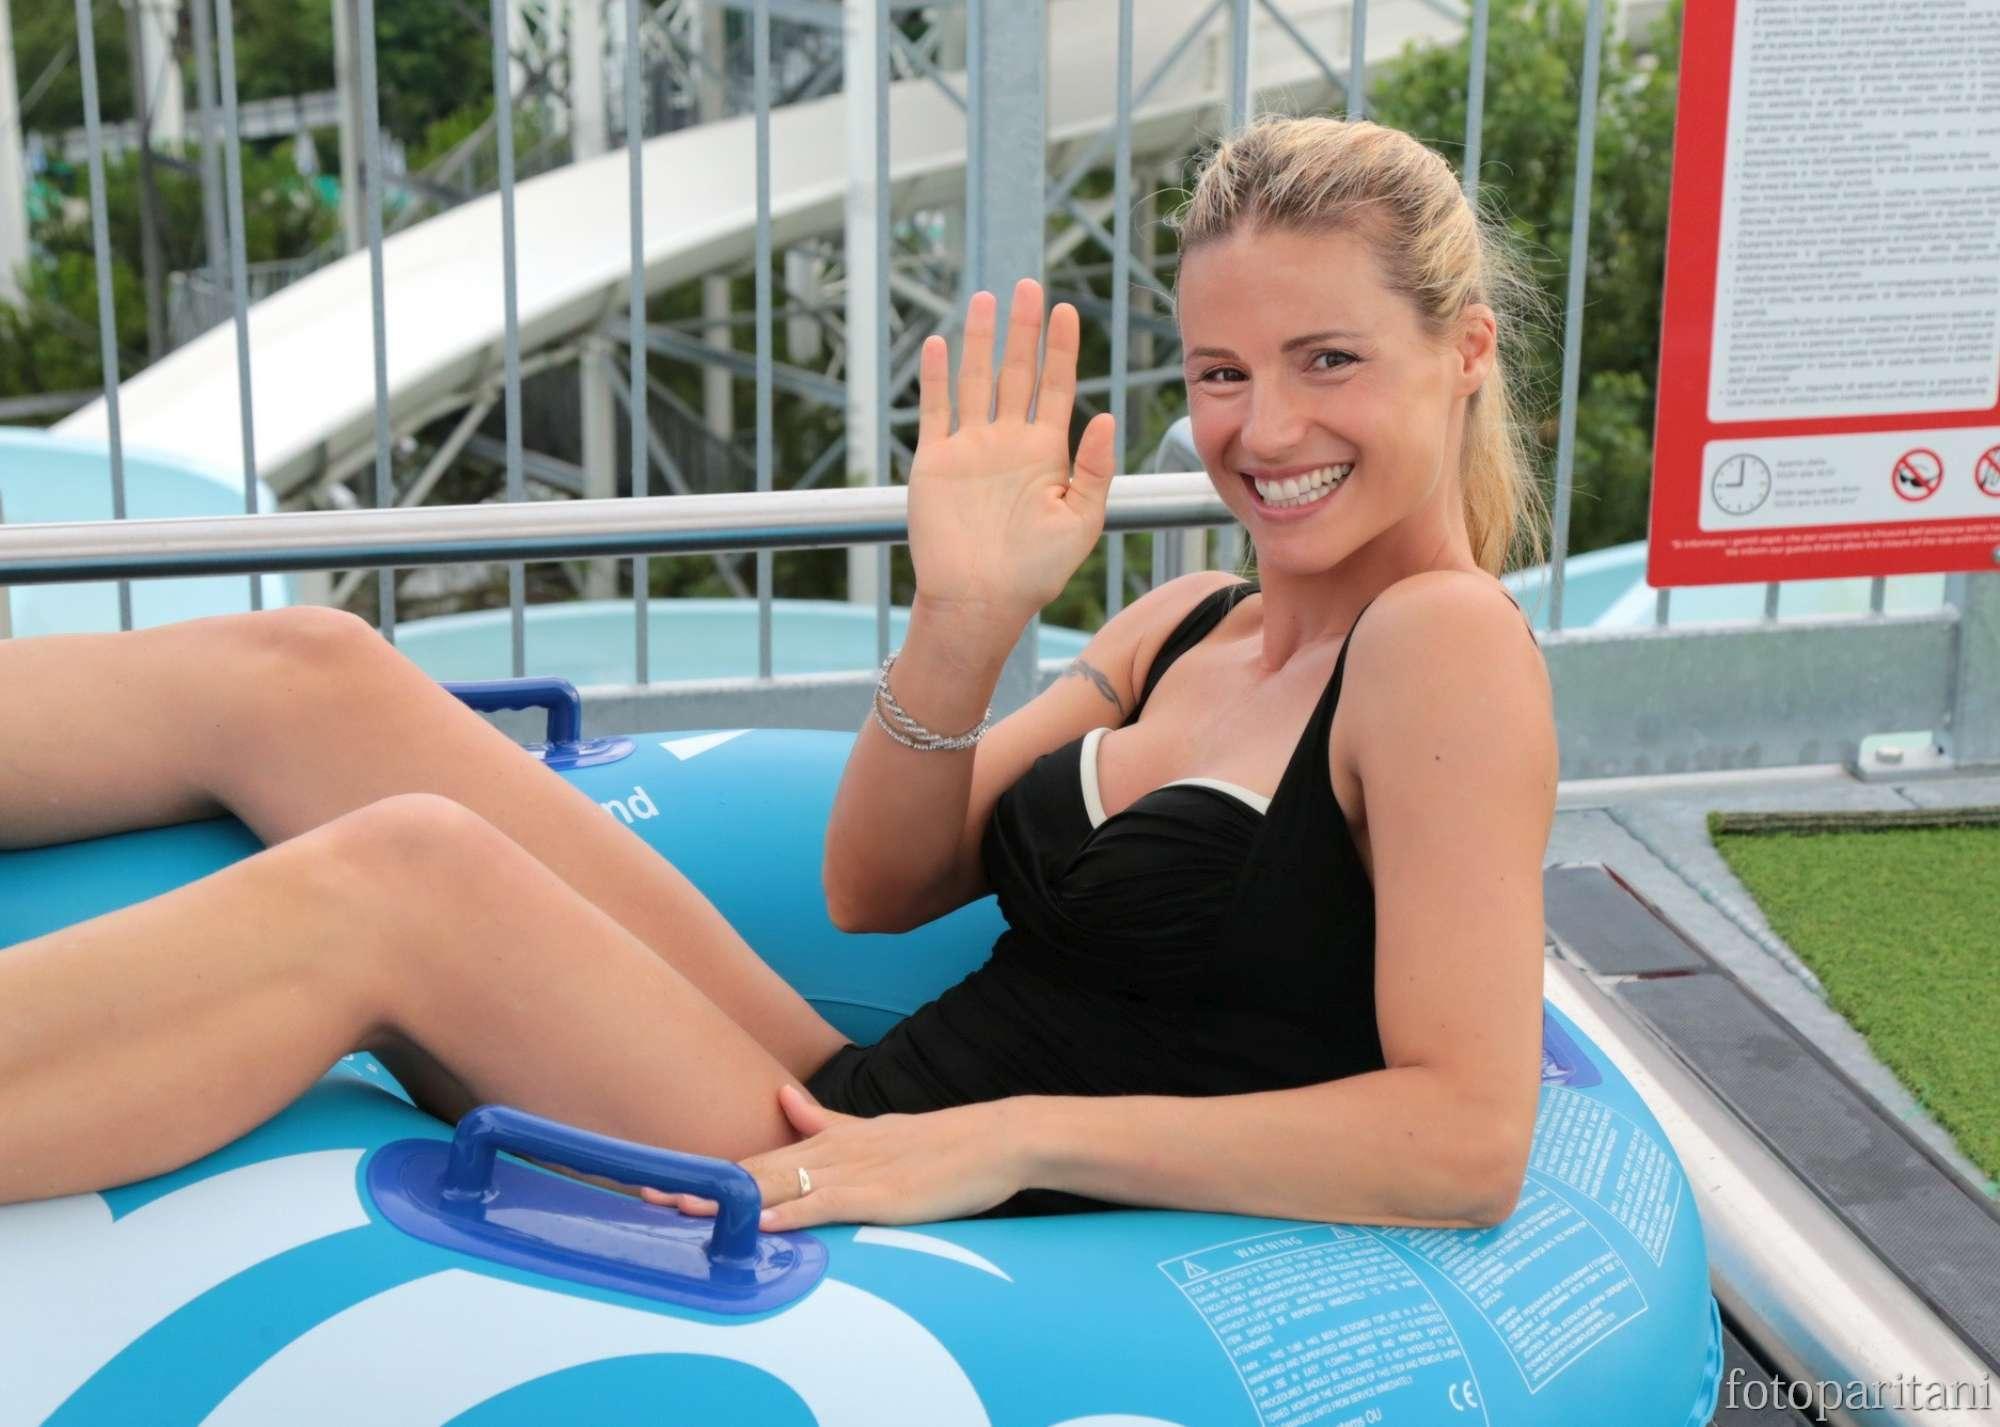 Michelle Hunziker, acrobazie in acqua con Tomaso Trussardi